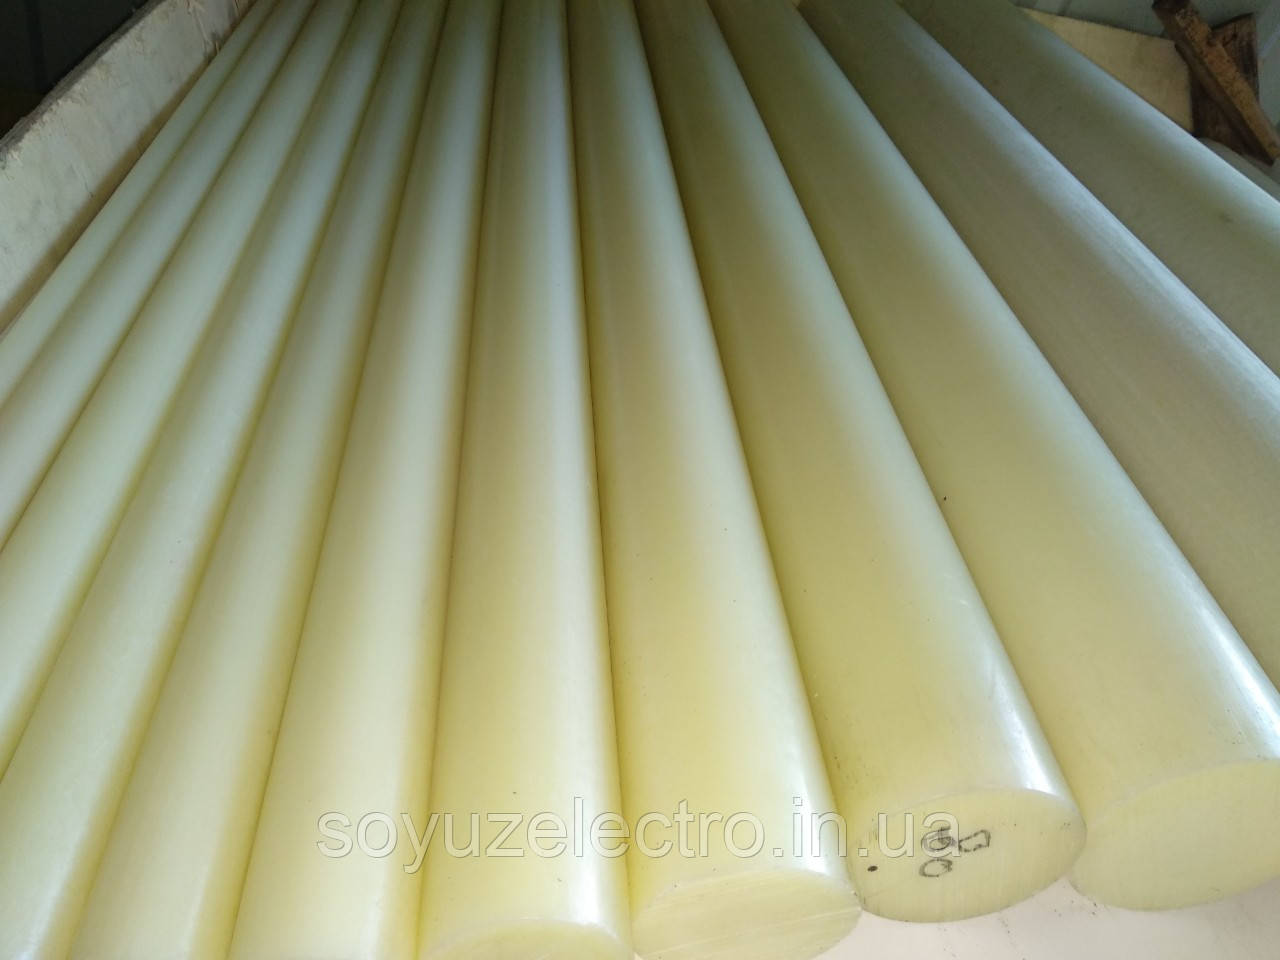 Полиамид ПА 6 стержень 50 мм (Капролон стержневой)